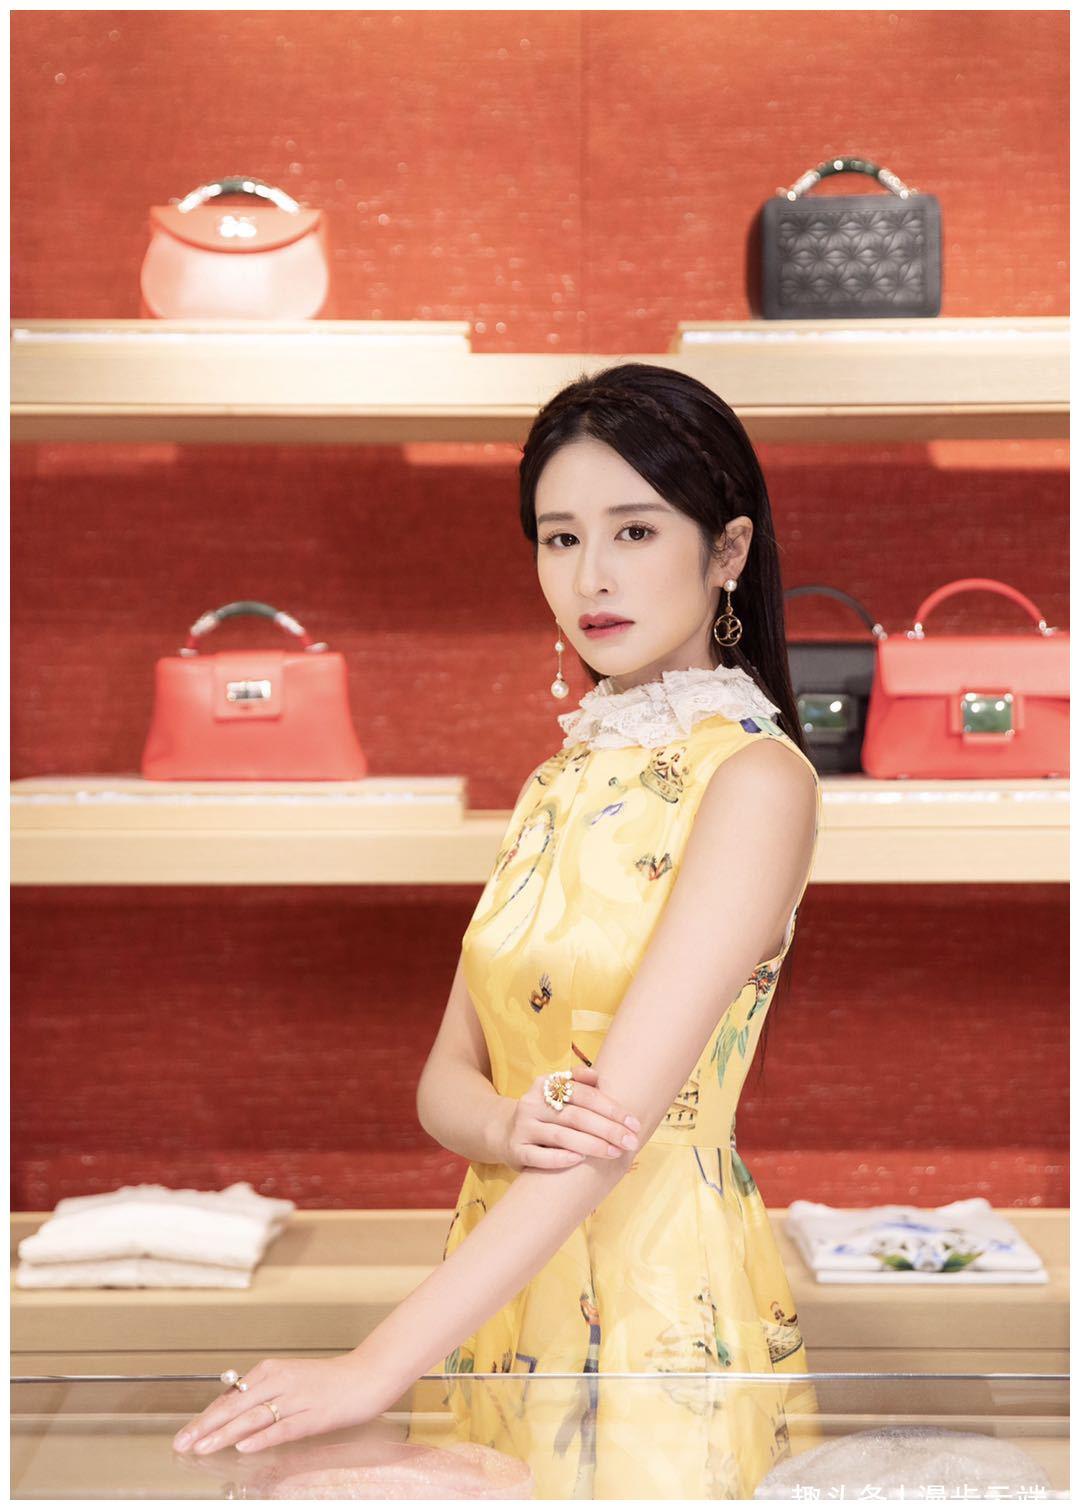 杨颖穿黄色系太魔性了,有种贵妃的既视感